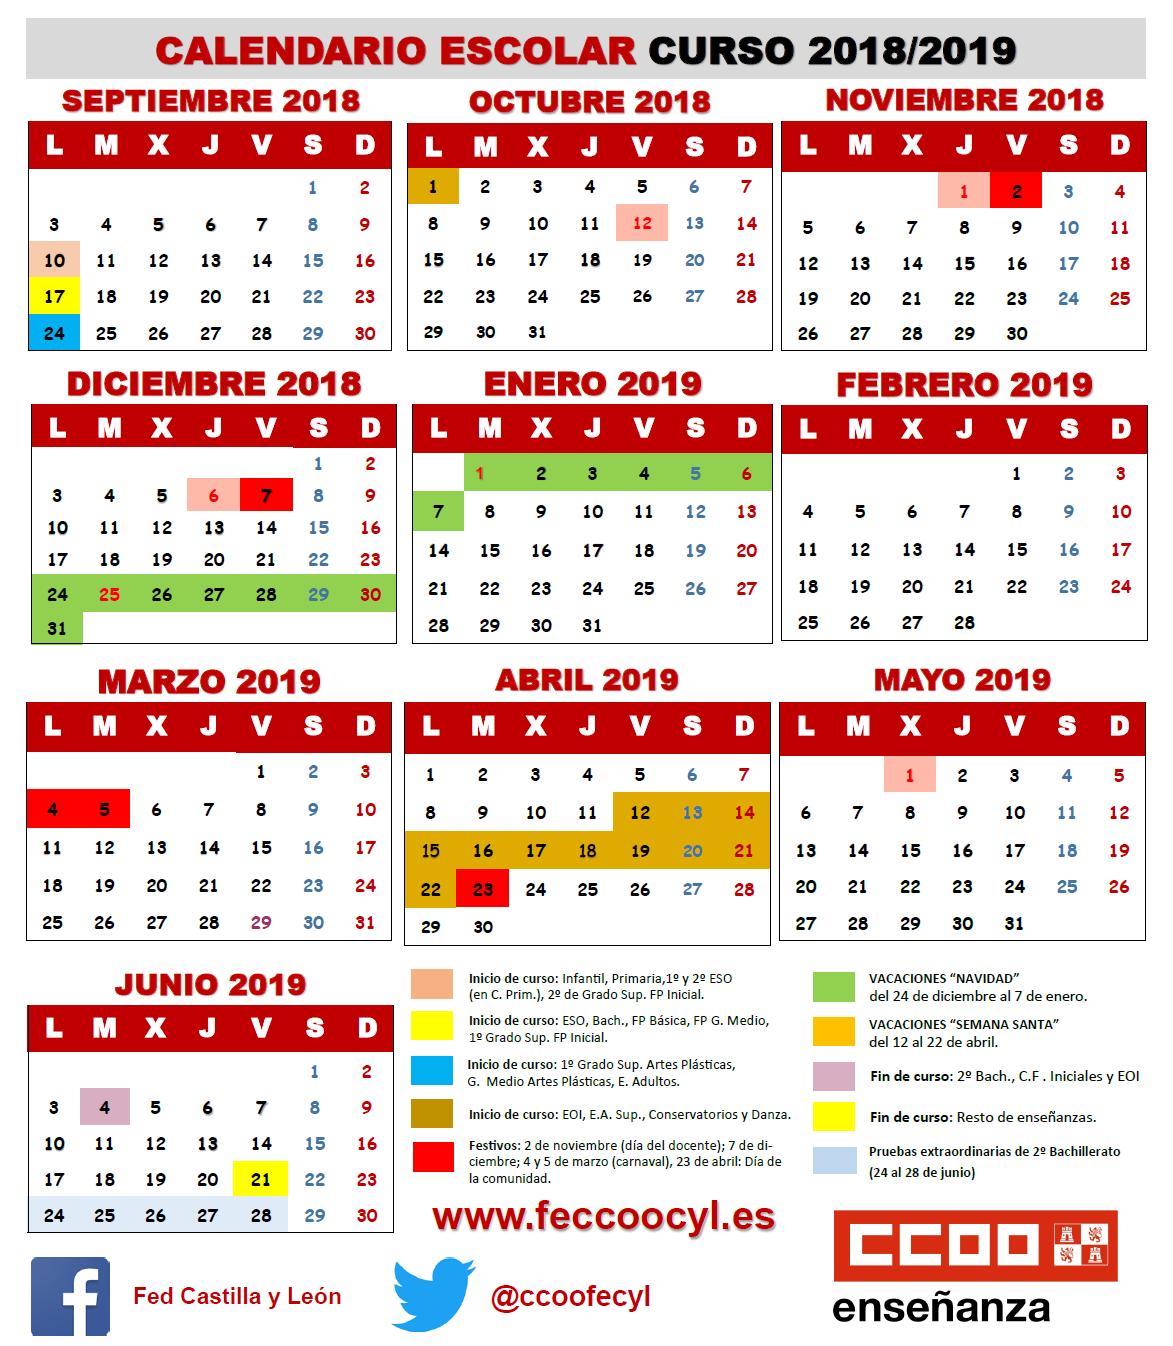 Calendario Universitario.Calendario Escolar 2018 2019 Feccoocyl